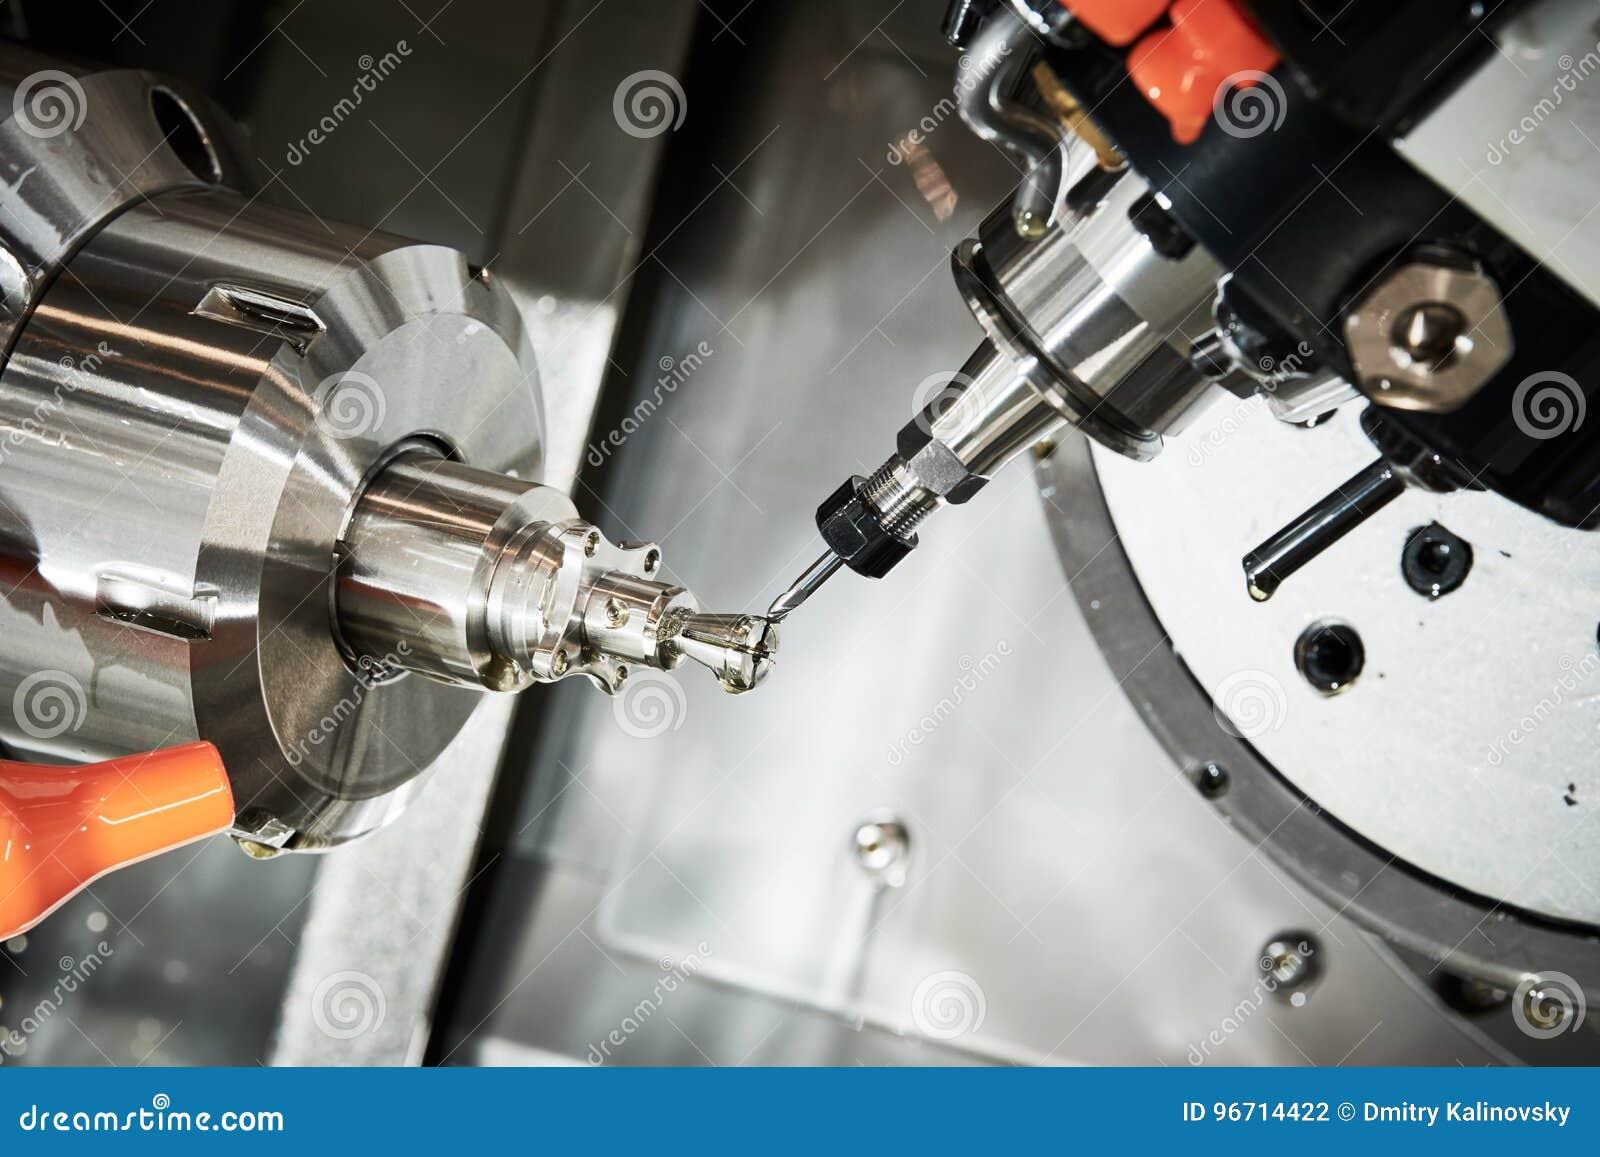 Przemysłowy metalworking rozcięcia proces CNC mielenia krajaczem